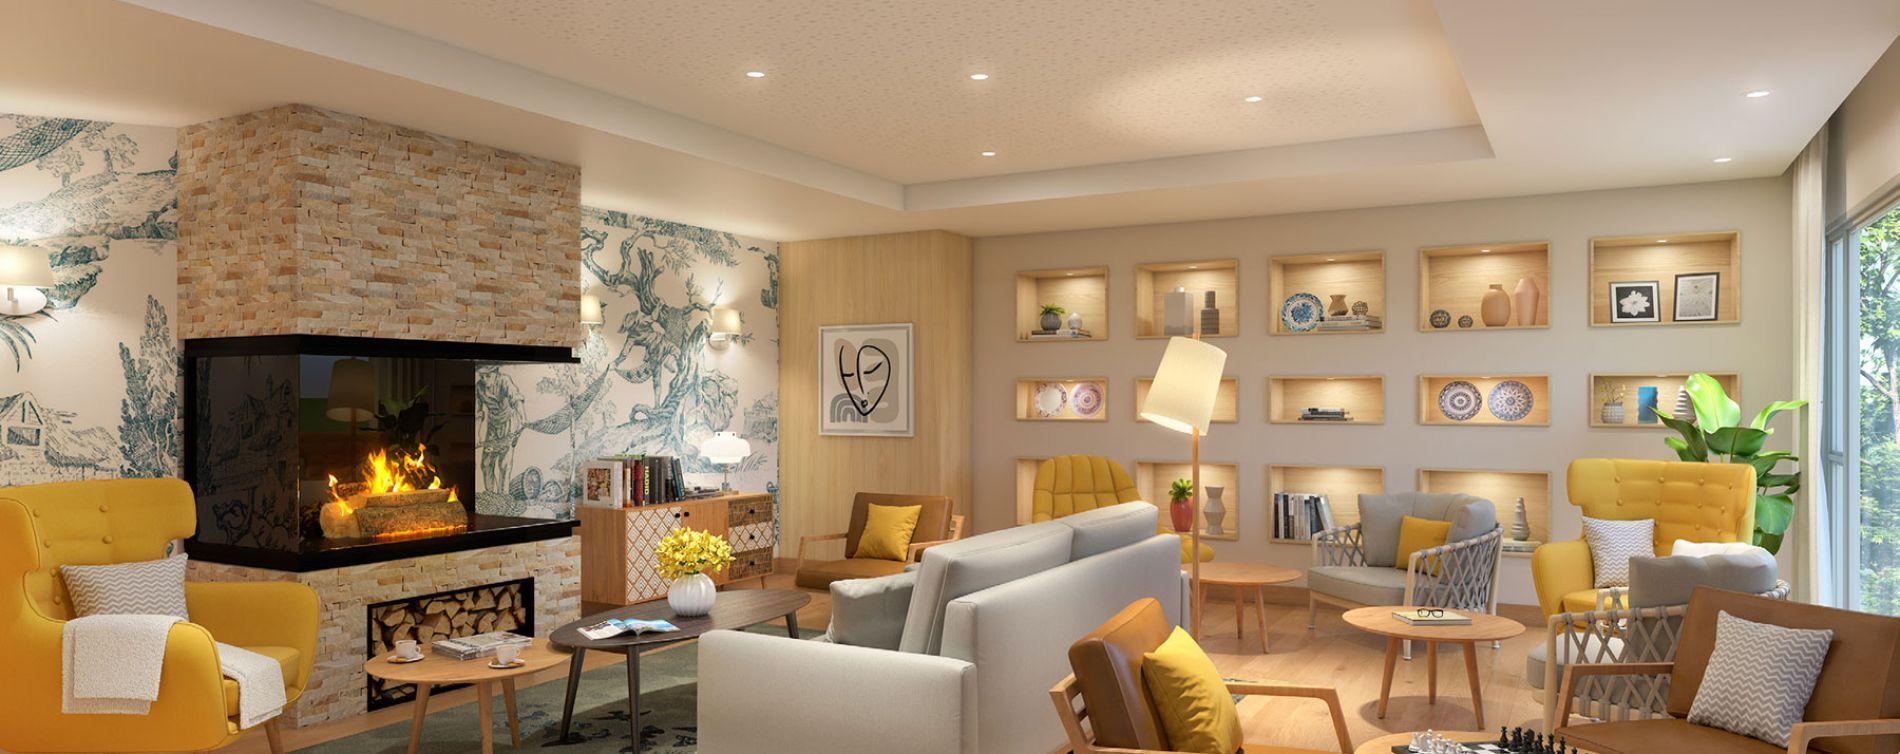 Limoges : programme immobilier neuve « Fleur d'Orme » (2)